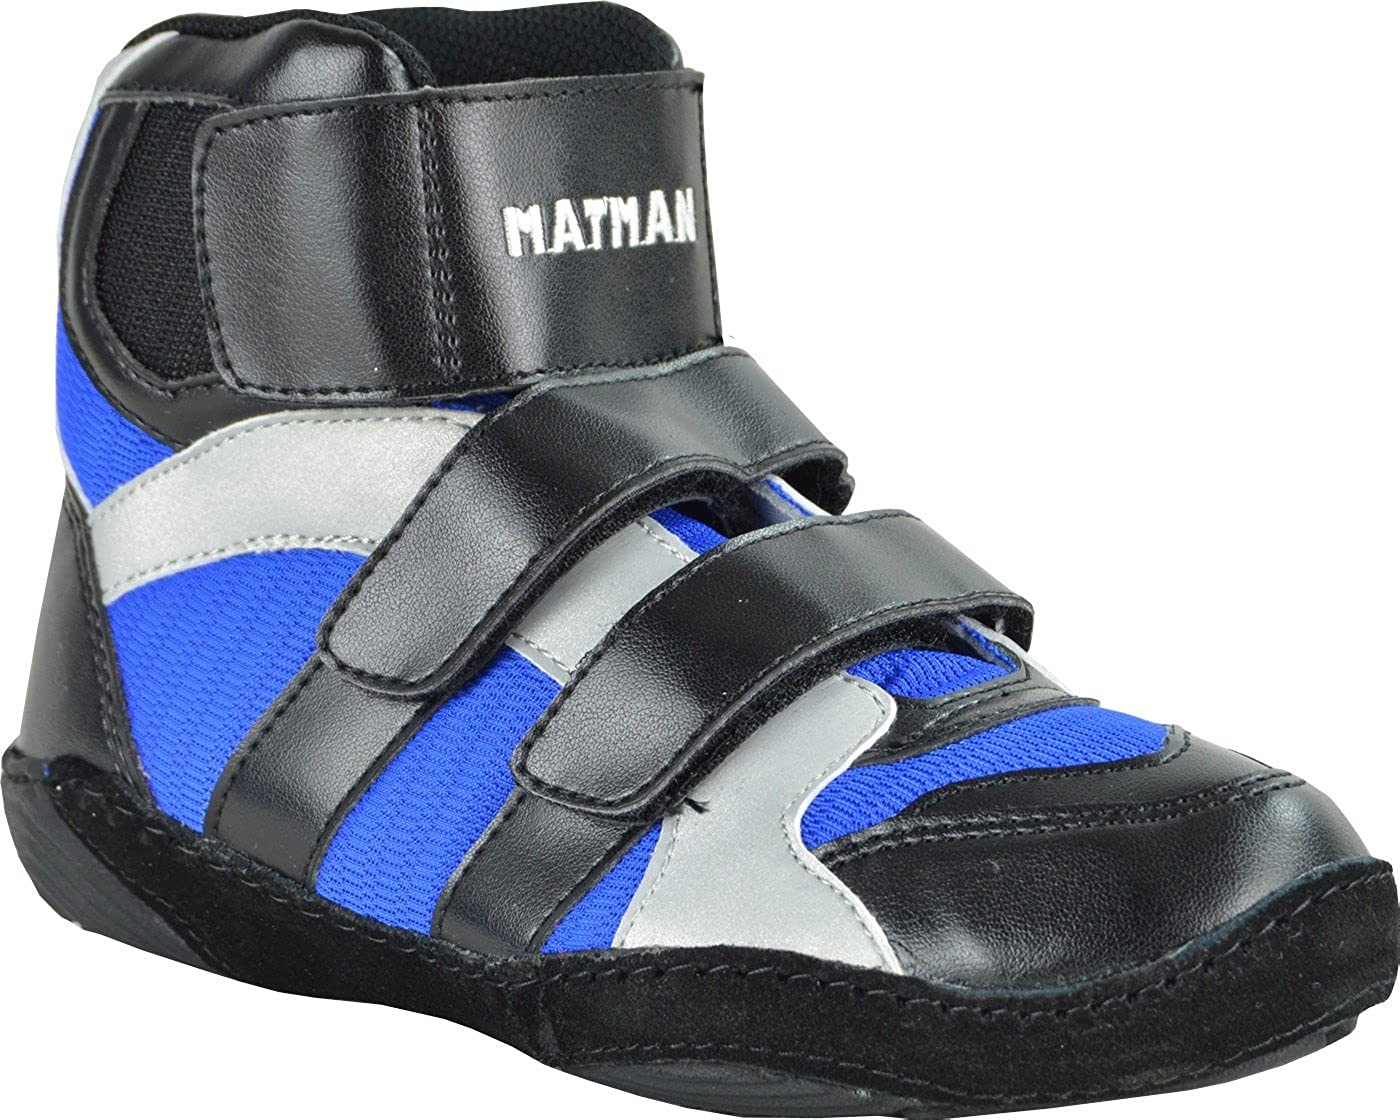 onitsuka tiger mexico 66 strap toddler shoes queretaro